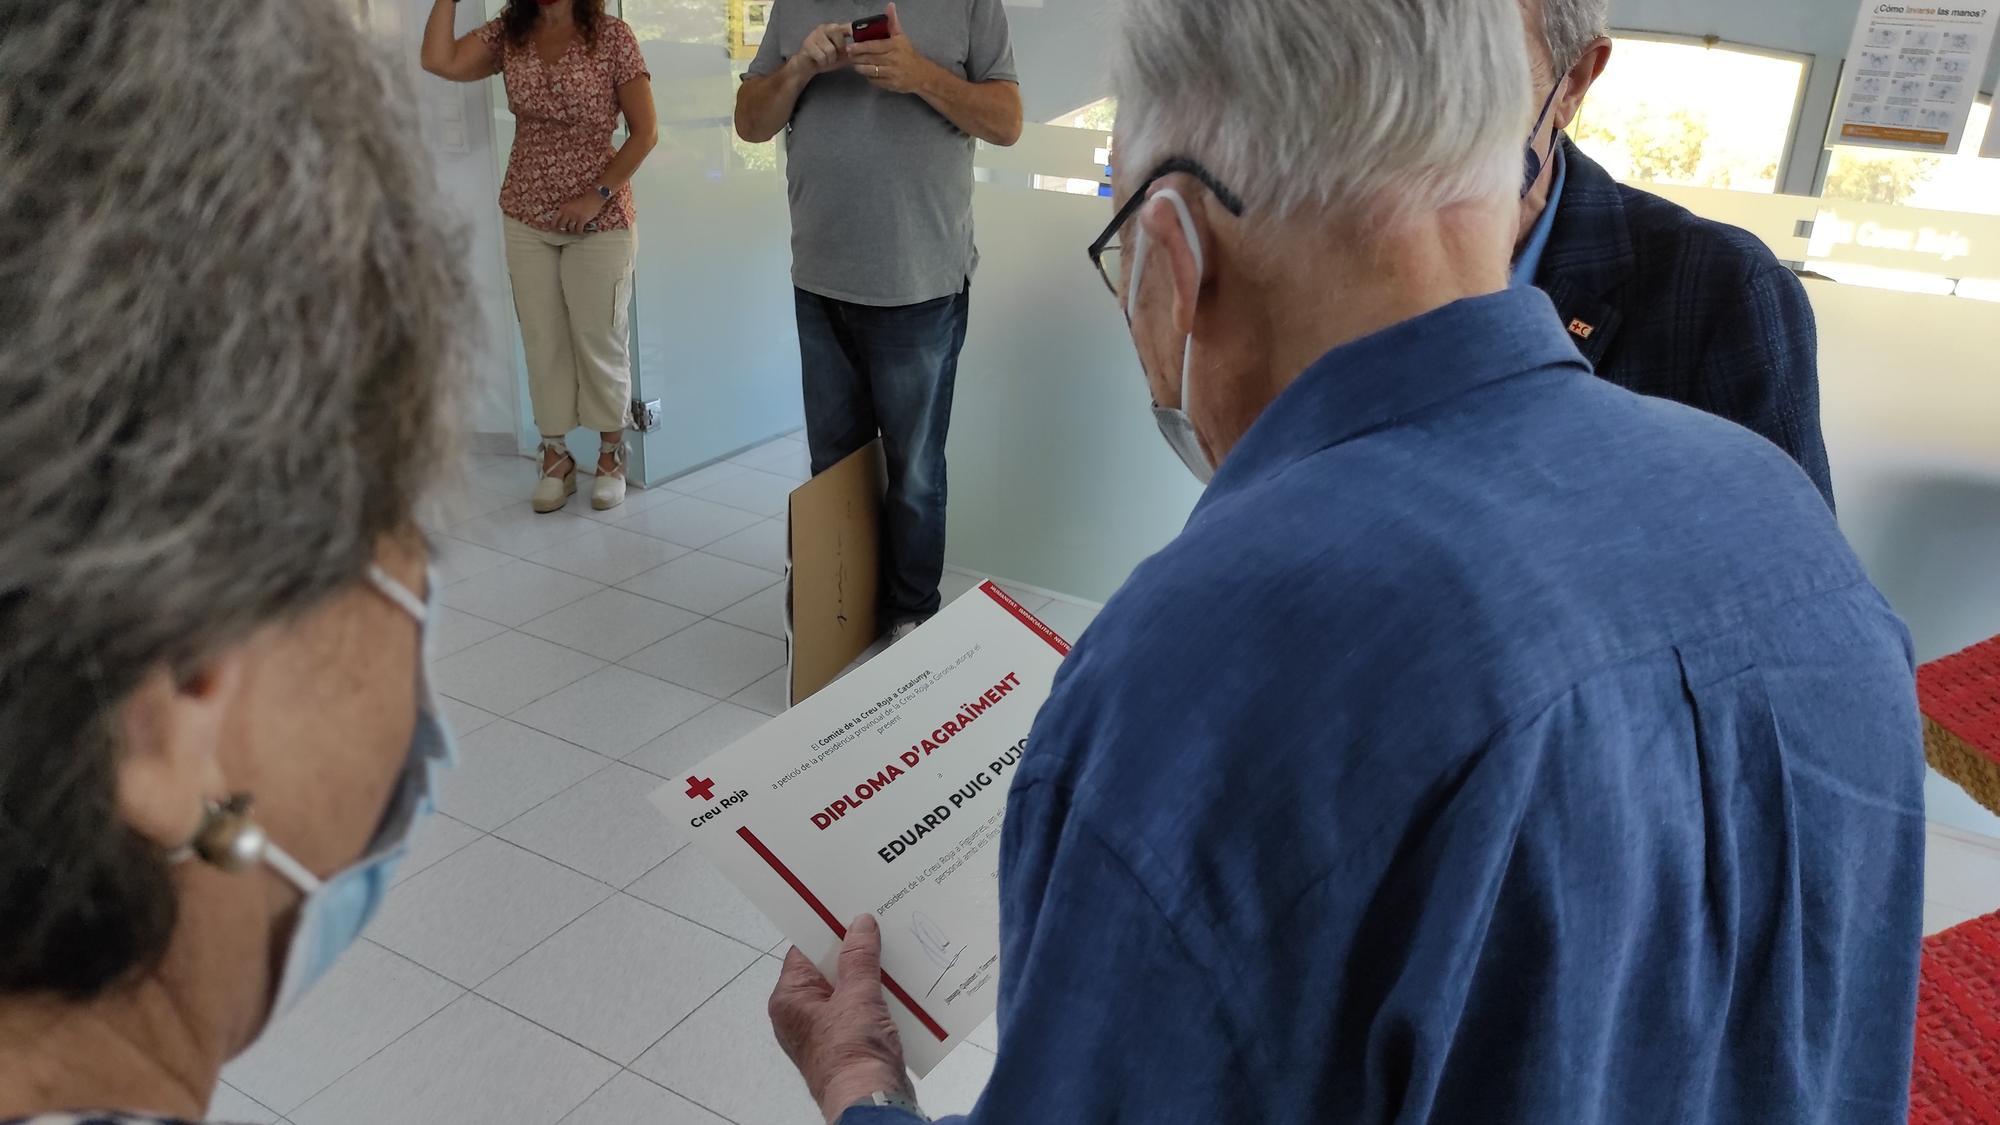 Creu Roja homenatja Eduard Puig Pujol per la seva dedicació a l'entitat